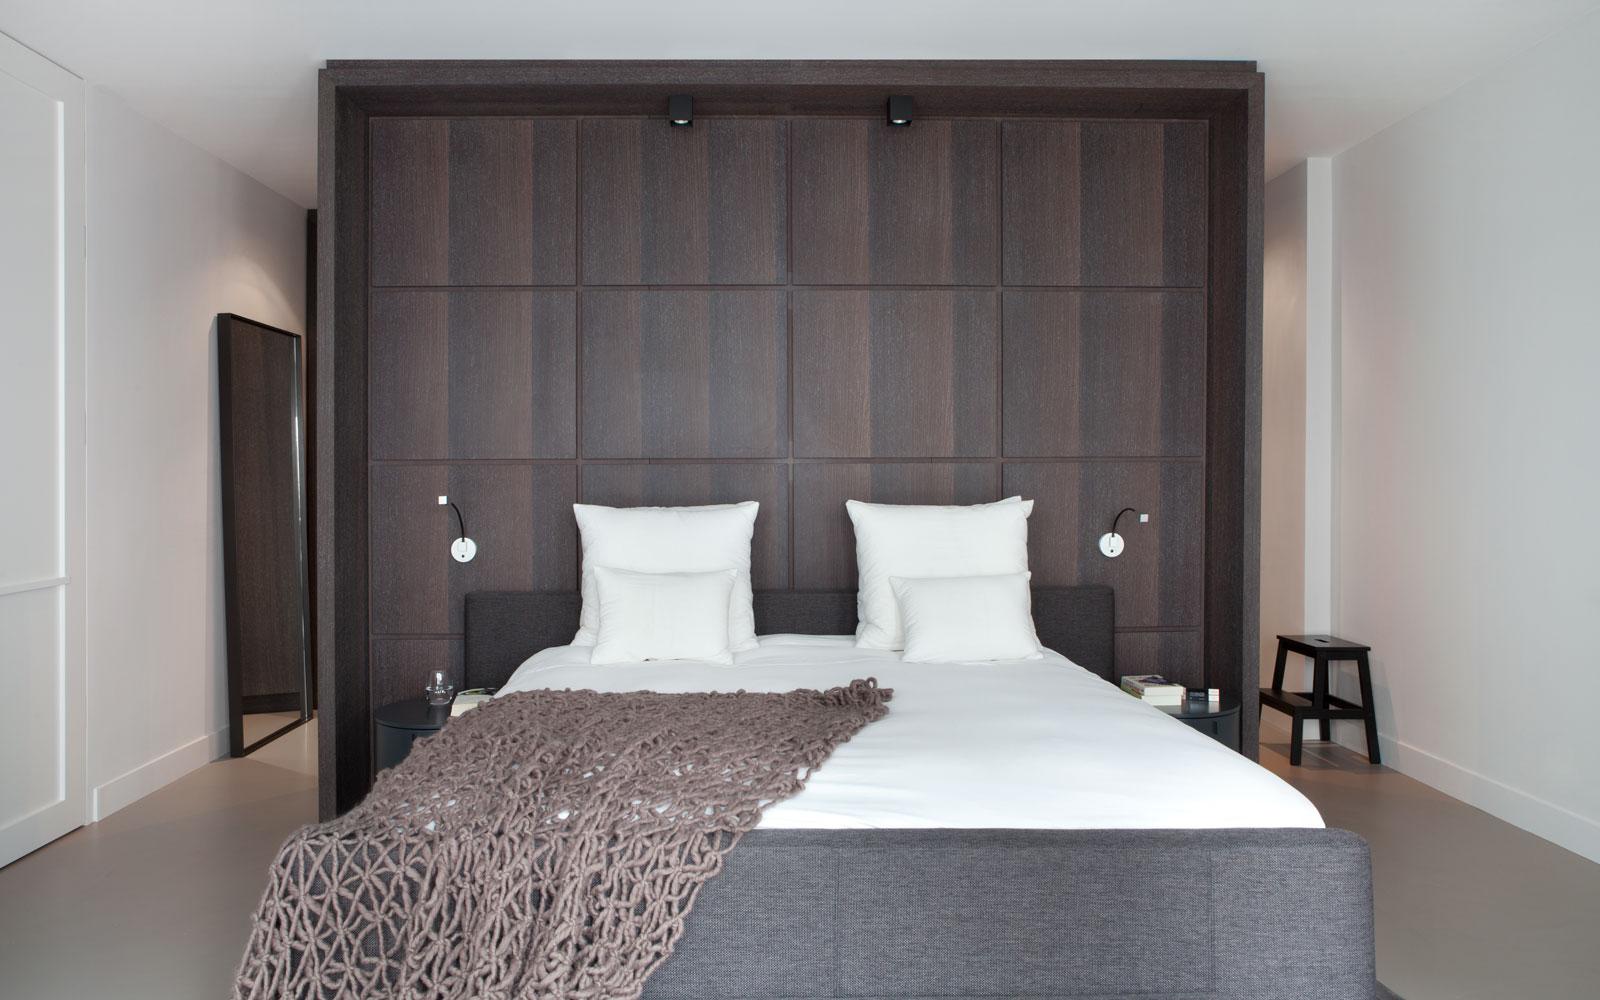 Slaapkamer, master bedroom, maatwerk kasten, wengé, penthouse Amsterdam, Remy Meijers